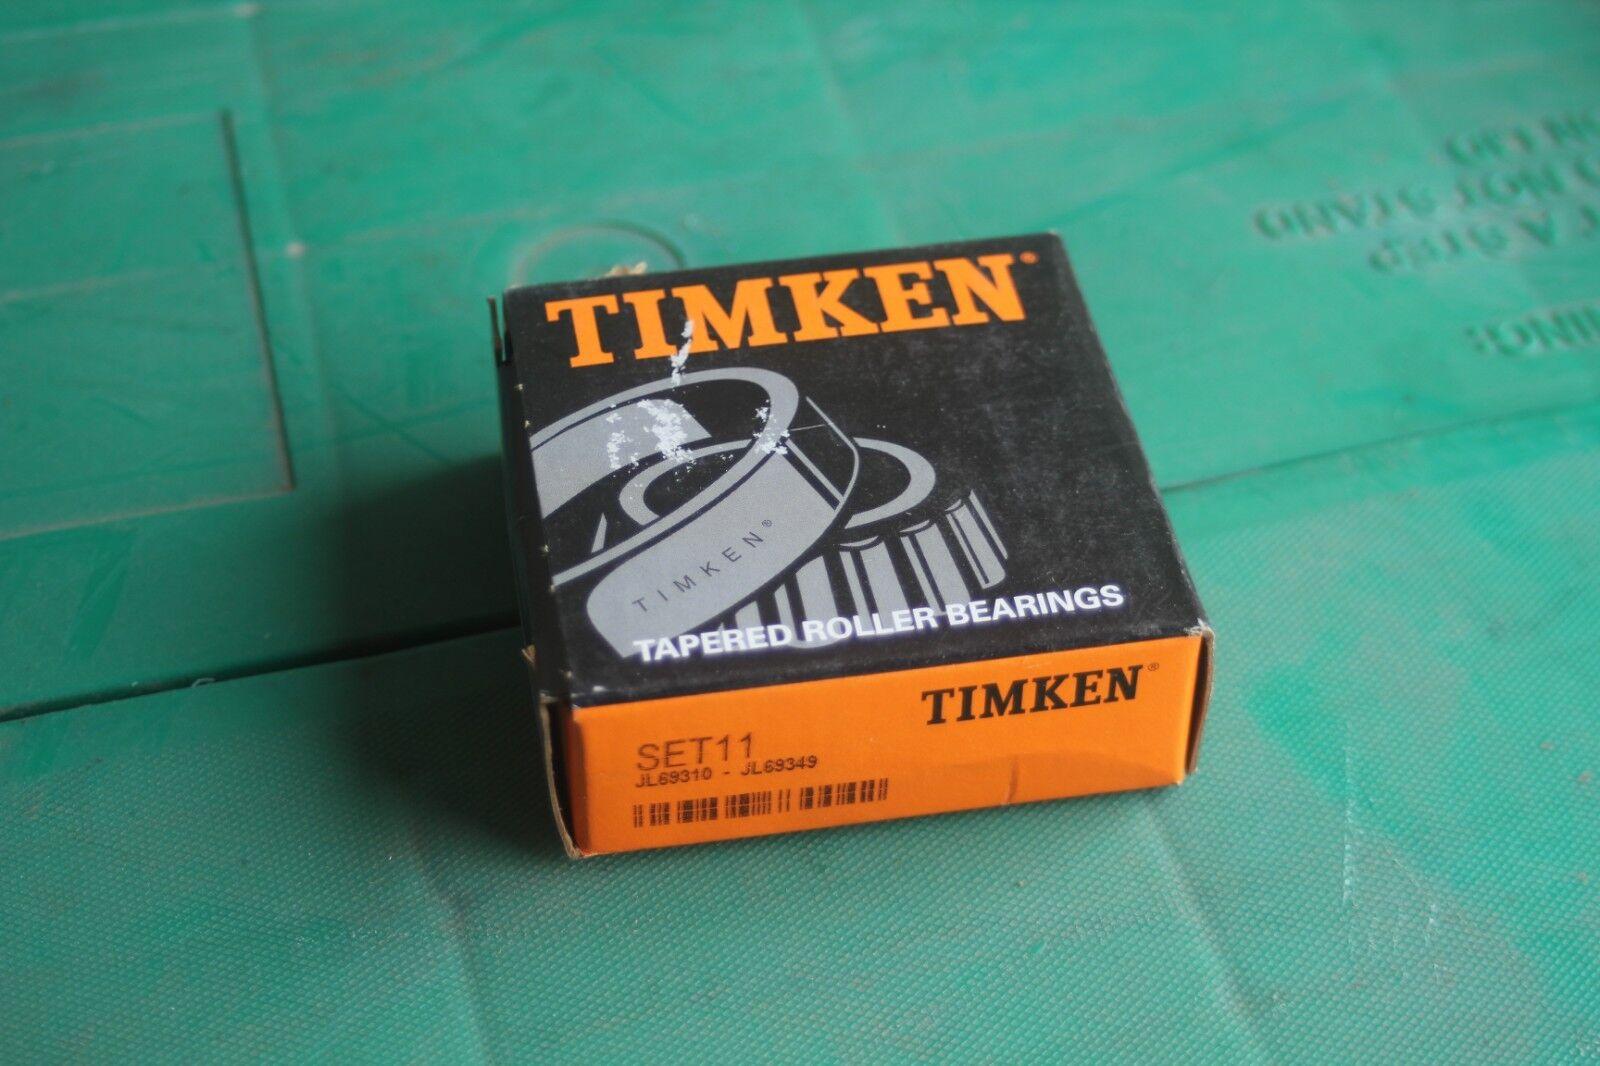 Timken Set11 Tapered Roller Bearing